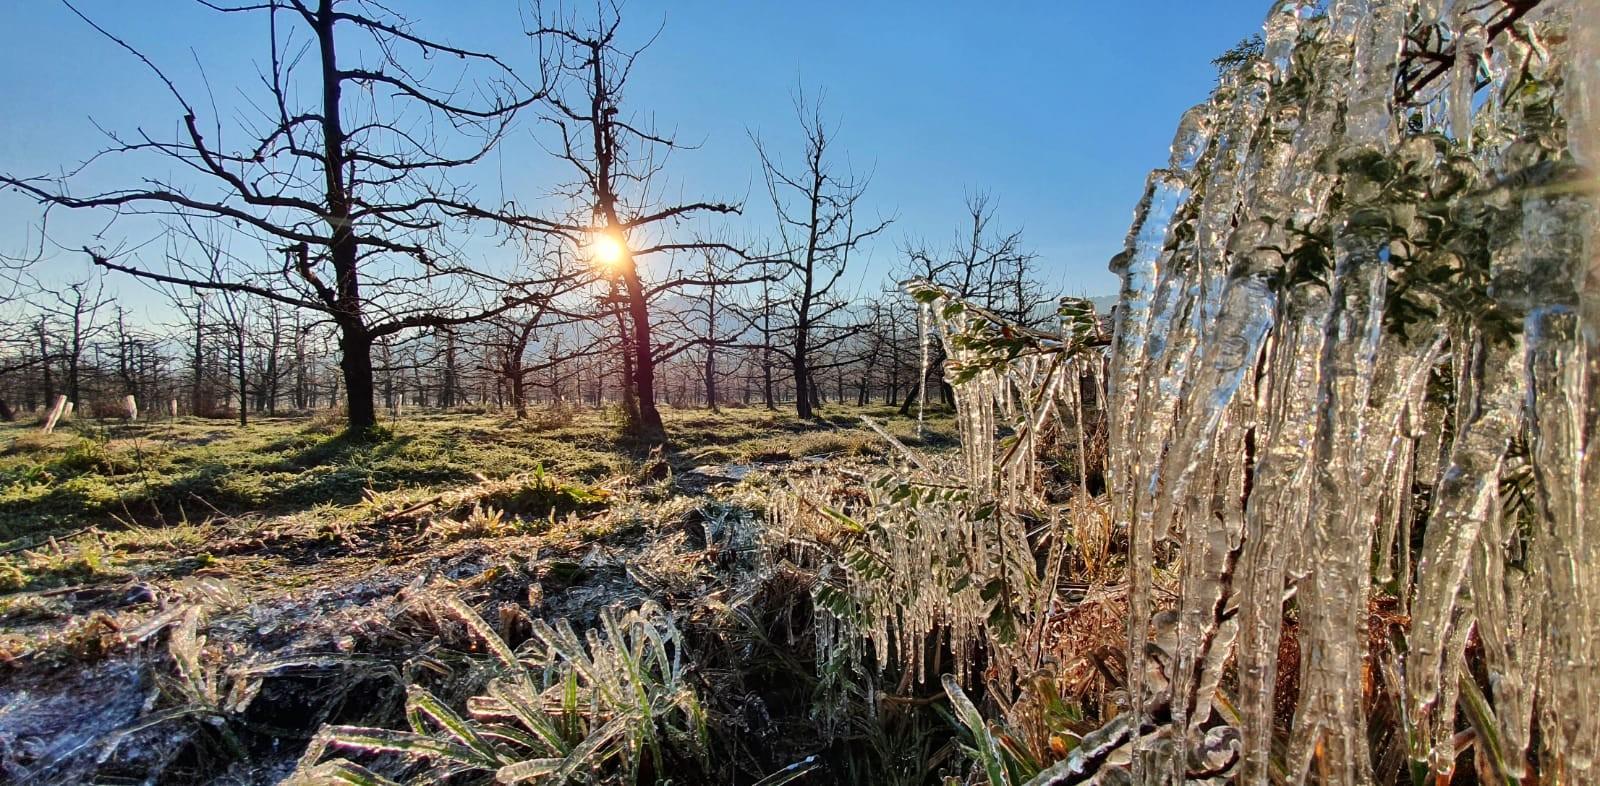 Serra de SC registra -3,8ºC, geada e tem água congelada; FOTOS